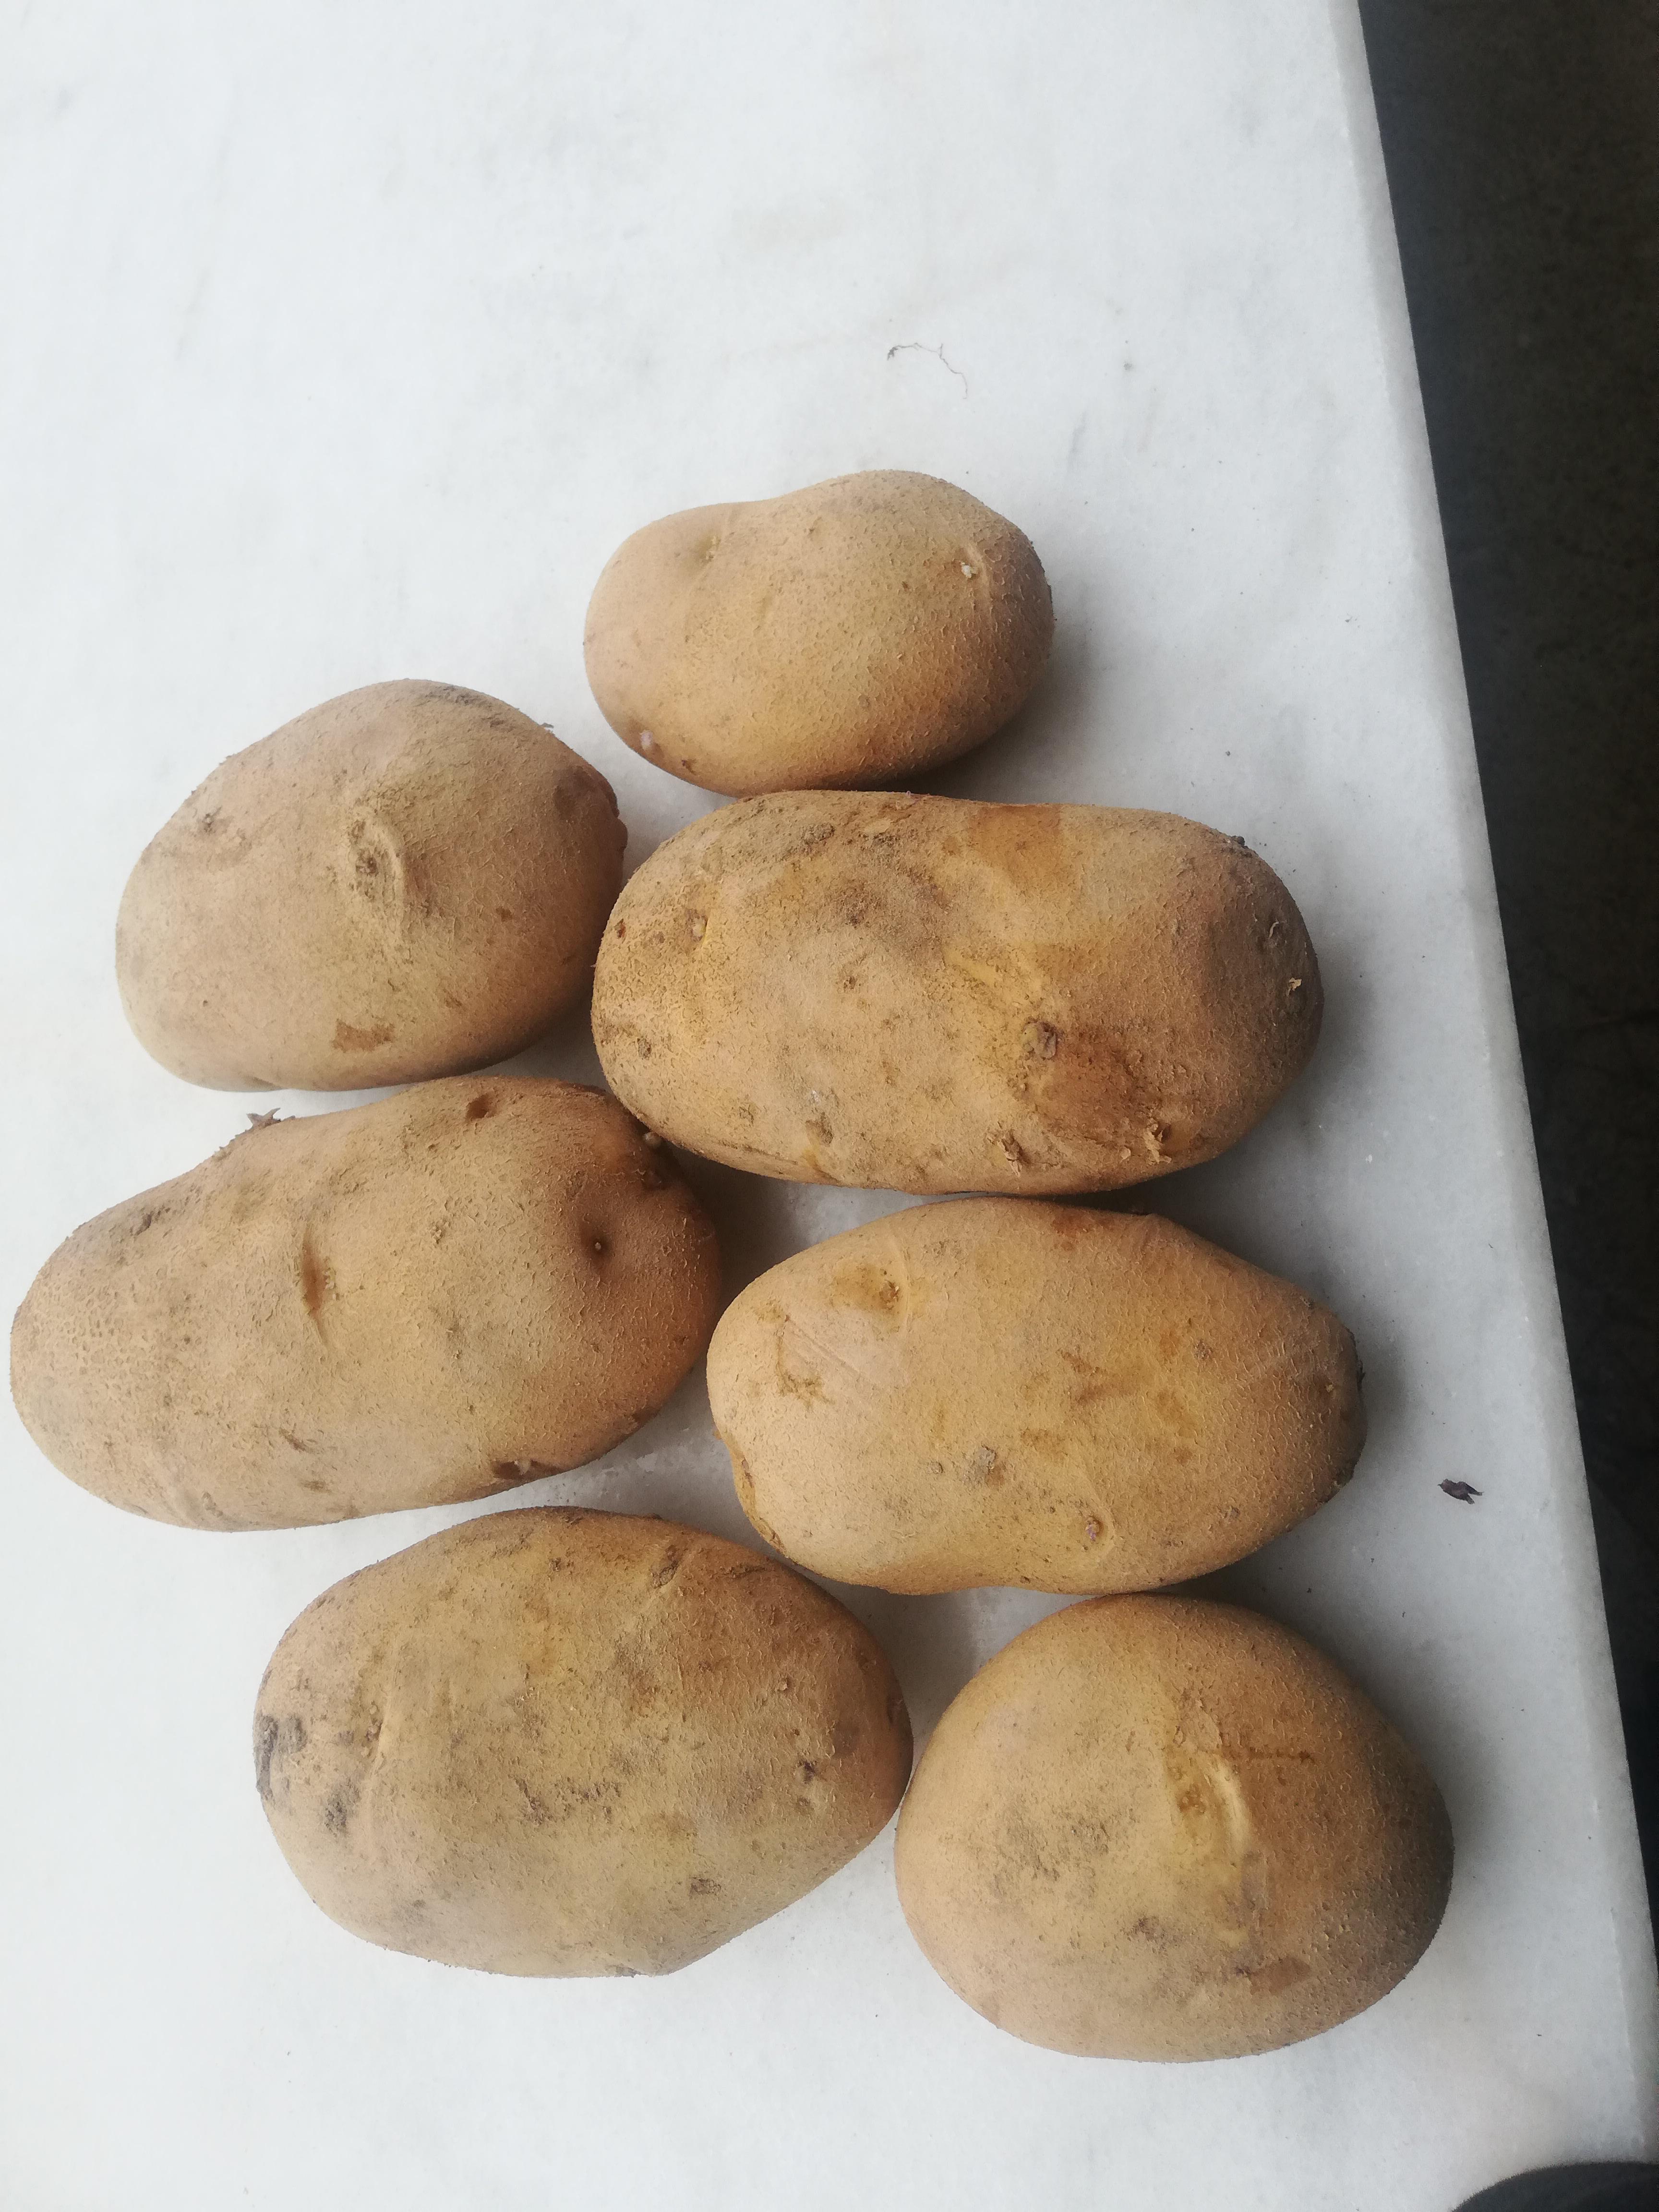 Patates - Üretici Cengiz Bali 2500 tl fiyat ile 30 kilogram agria çeşidi patates satmak istiyor